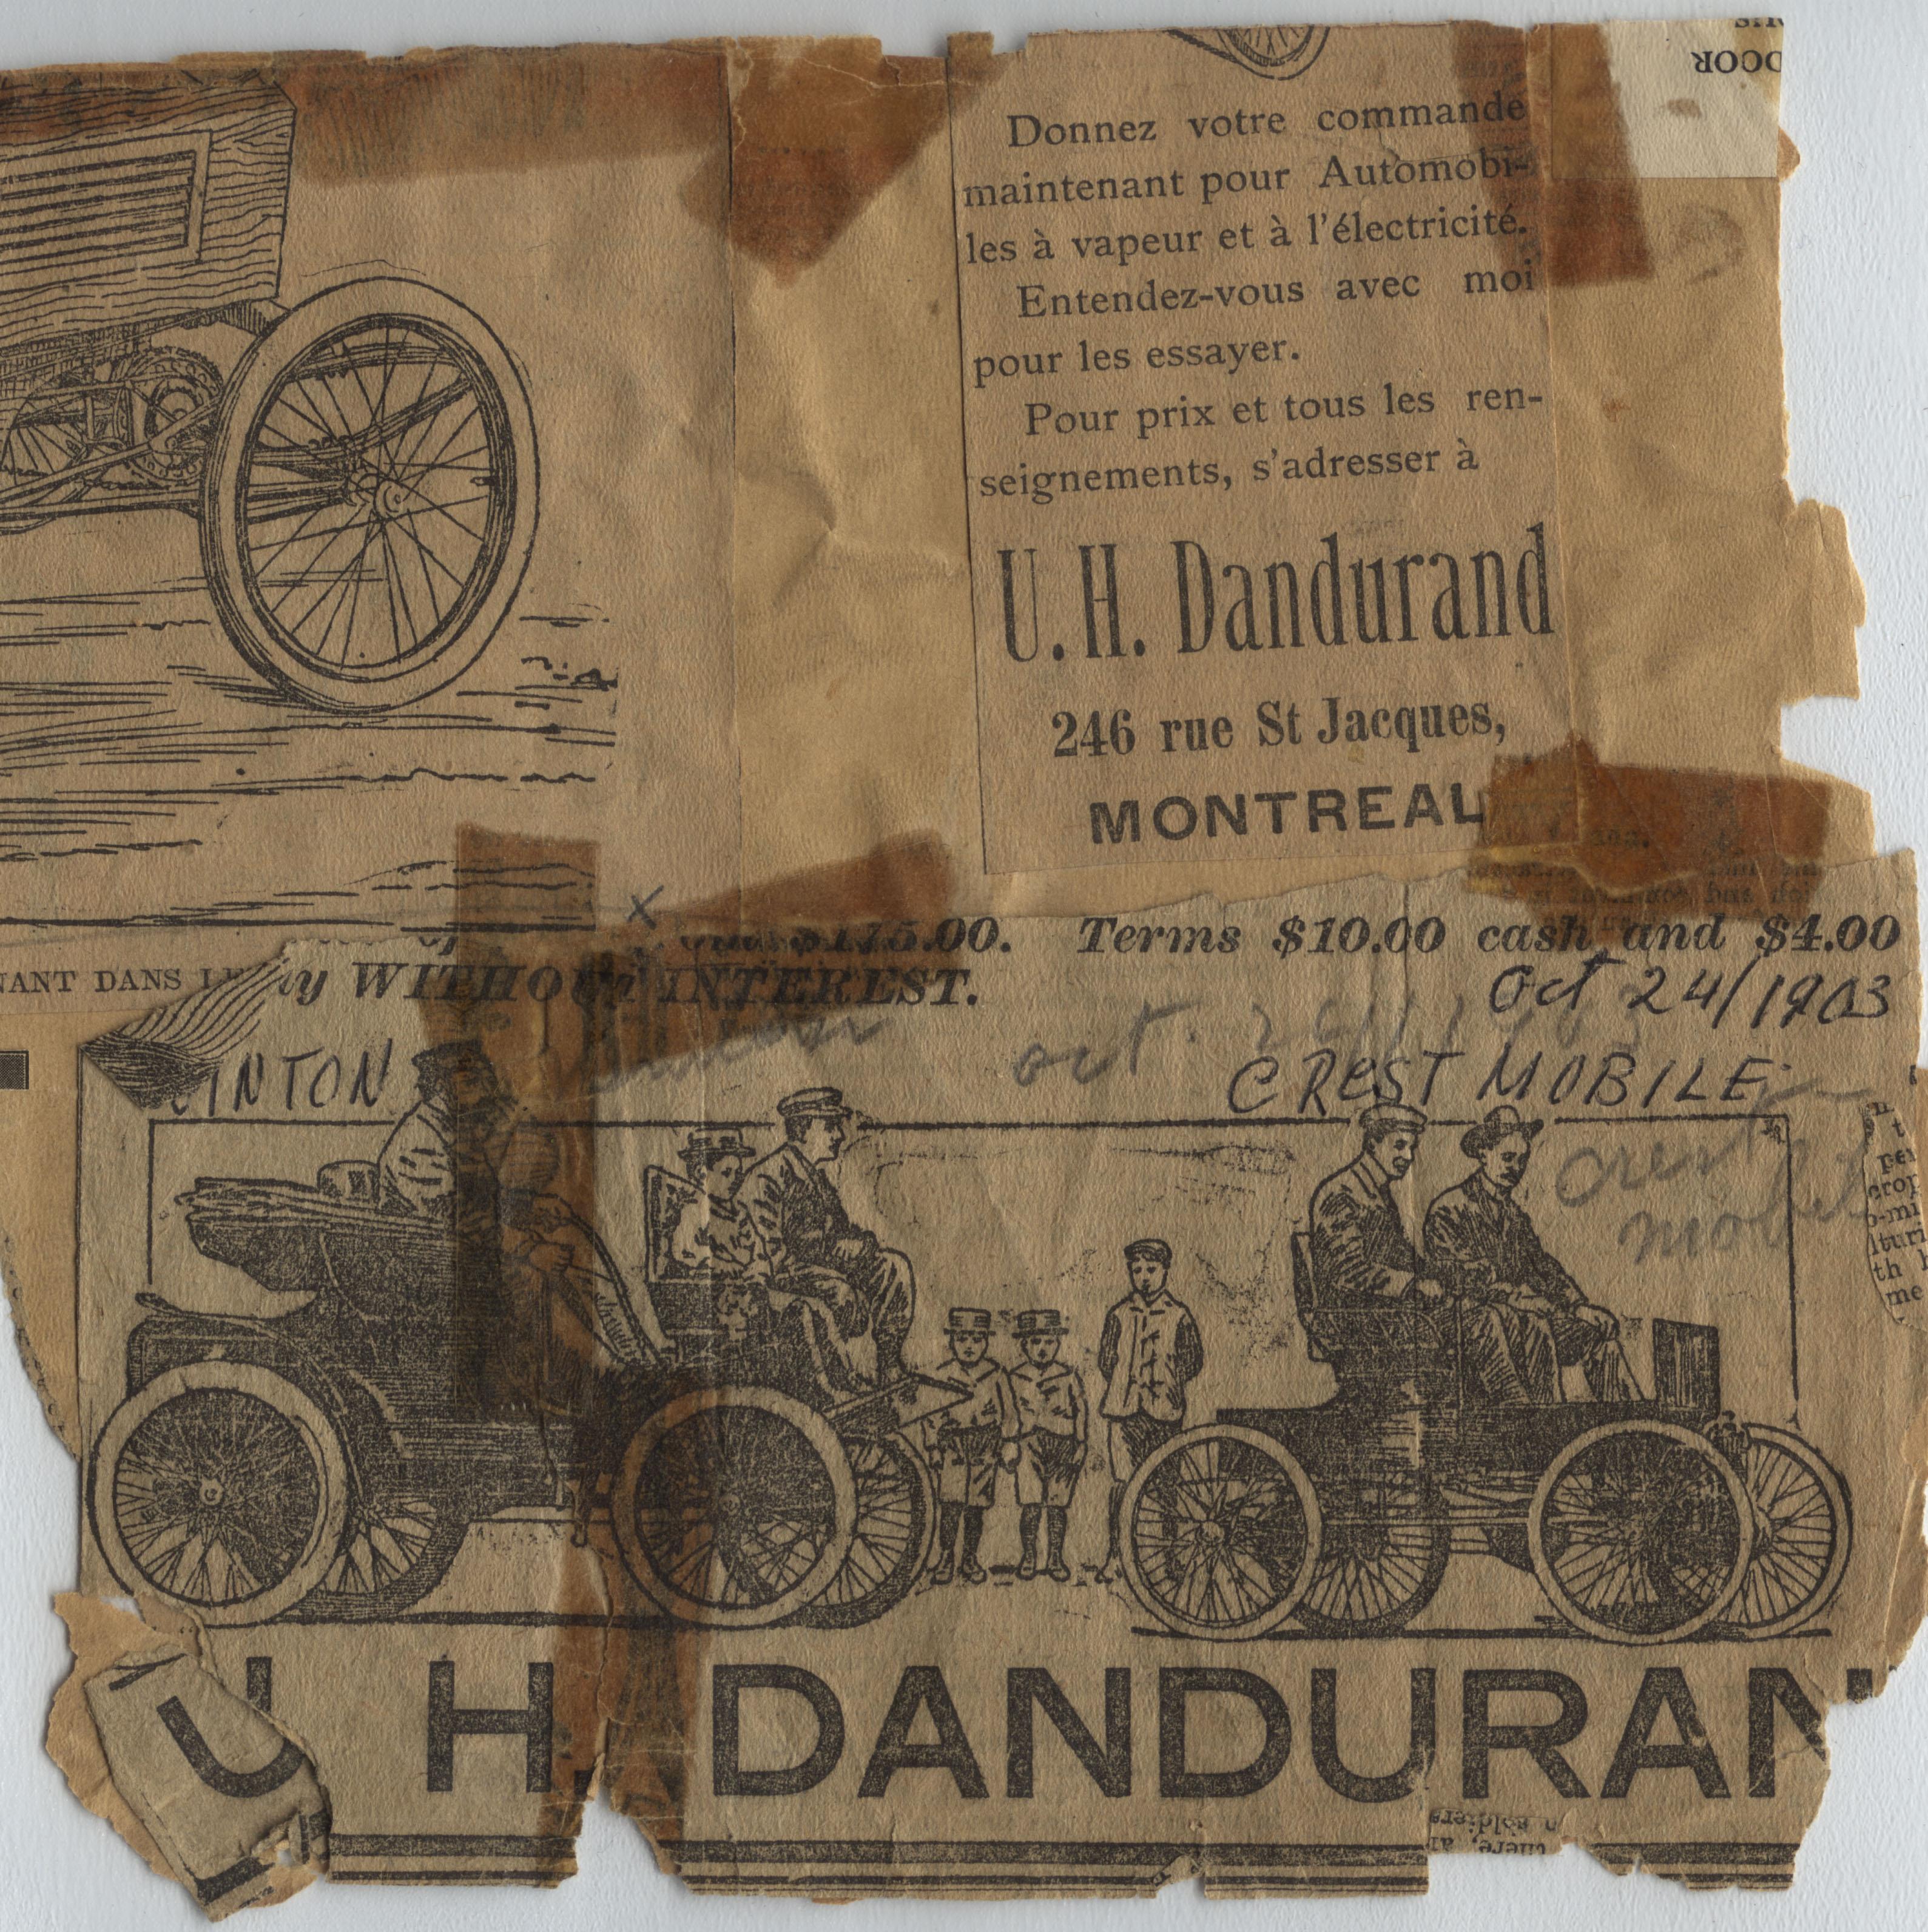 Publicité pour les automobiles à vapeur et à l'électricité parue le 24 octobre 1903